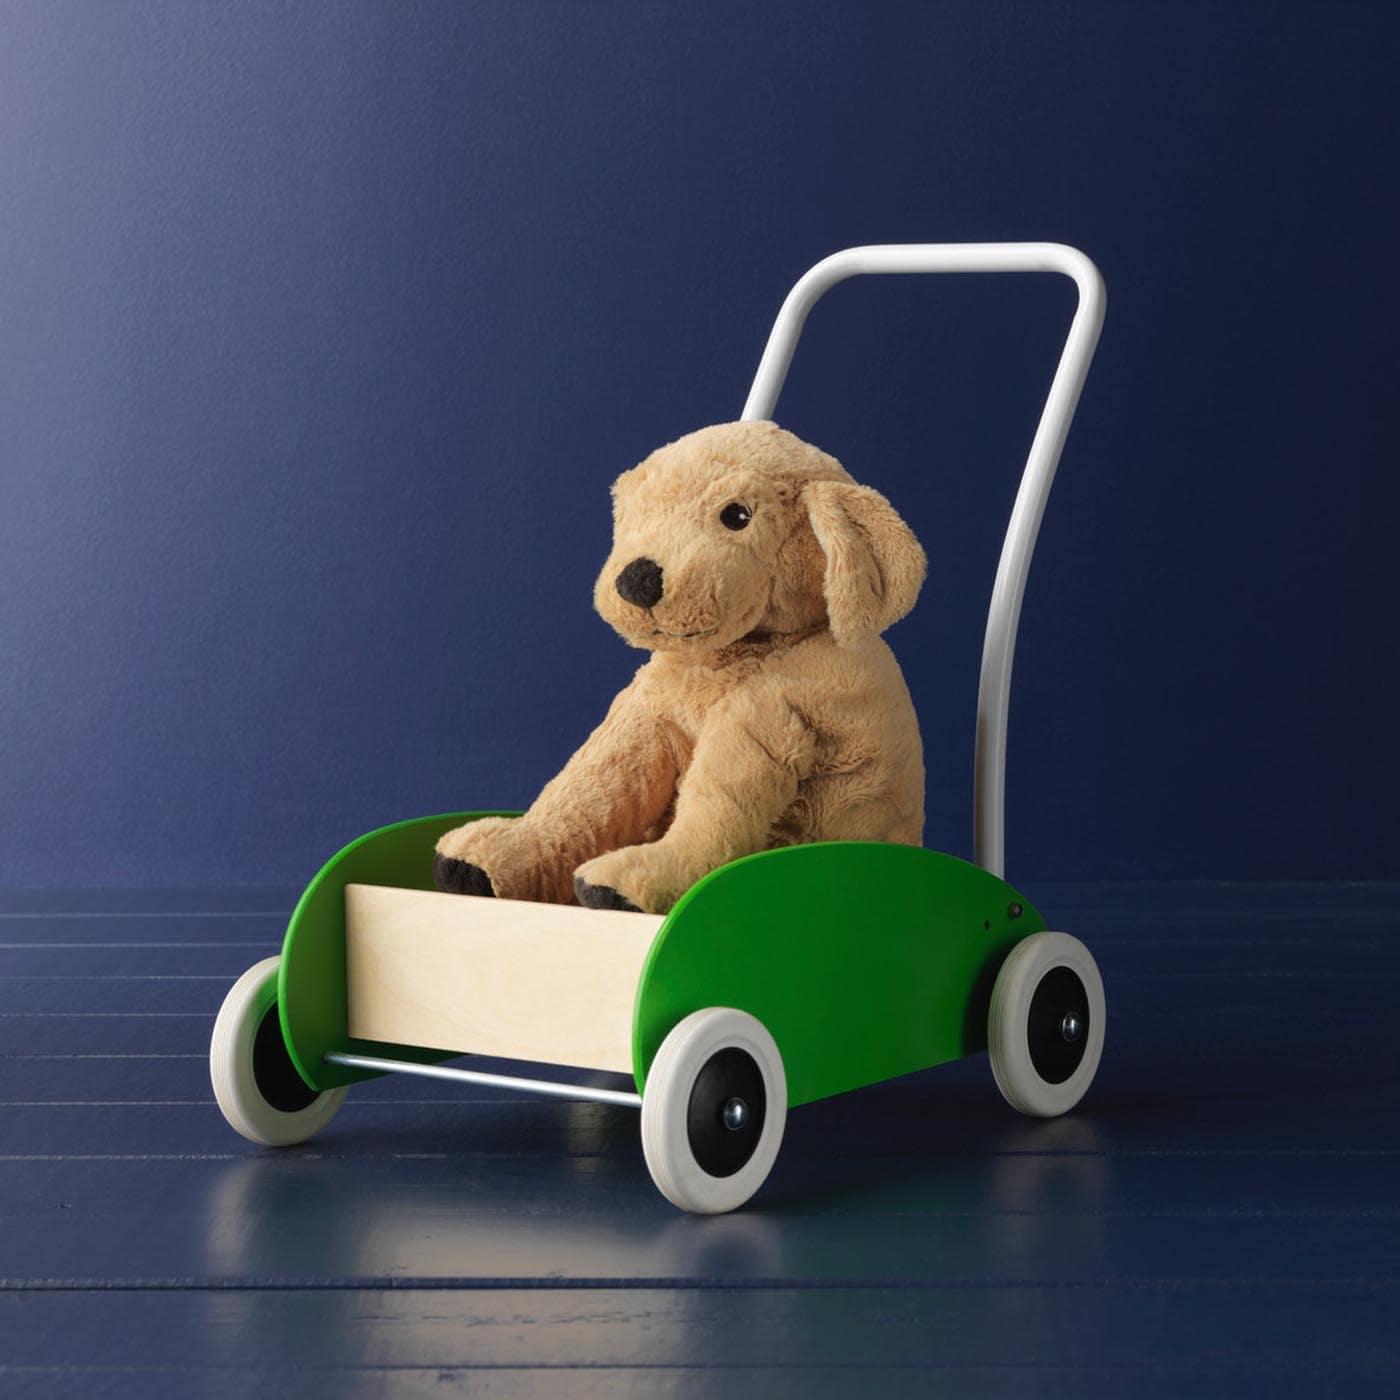 Lahjaideoita lapsille - minkälainen lelu sopii minkä ikäiselle lapselle? Katso lahjavinkit eri ikäisille lapsille!